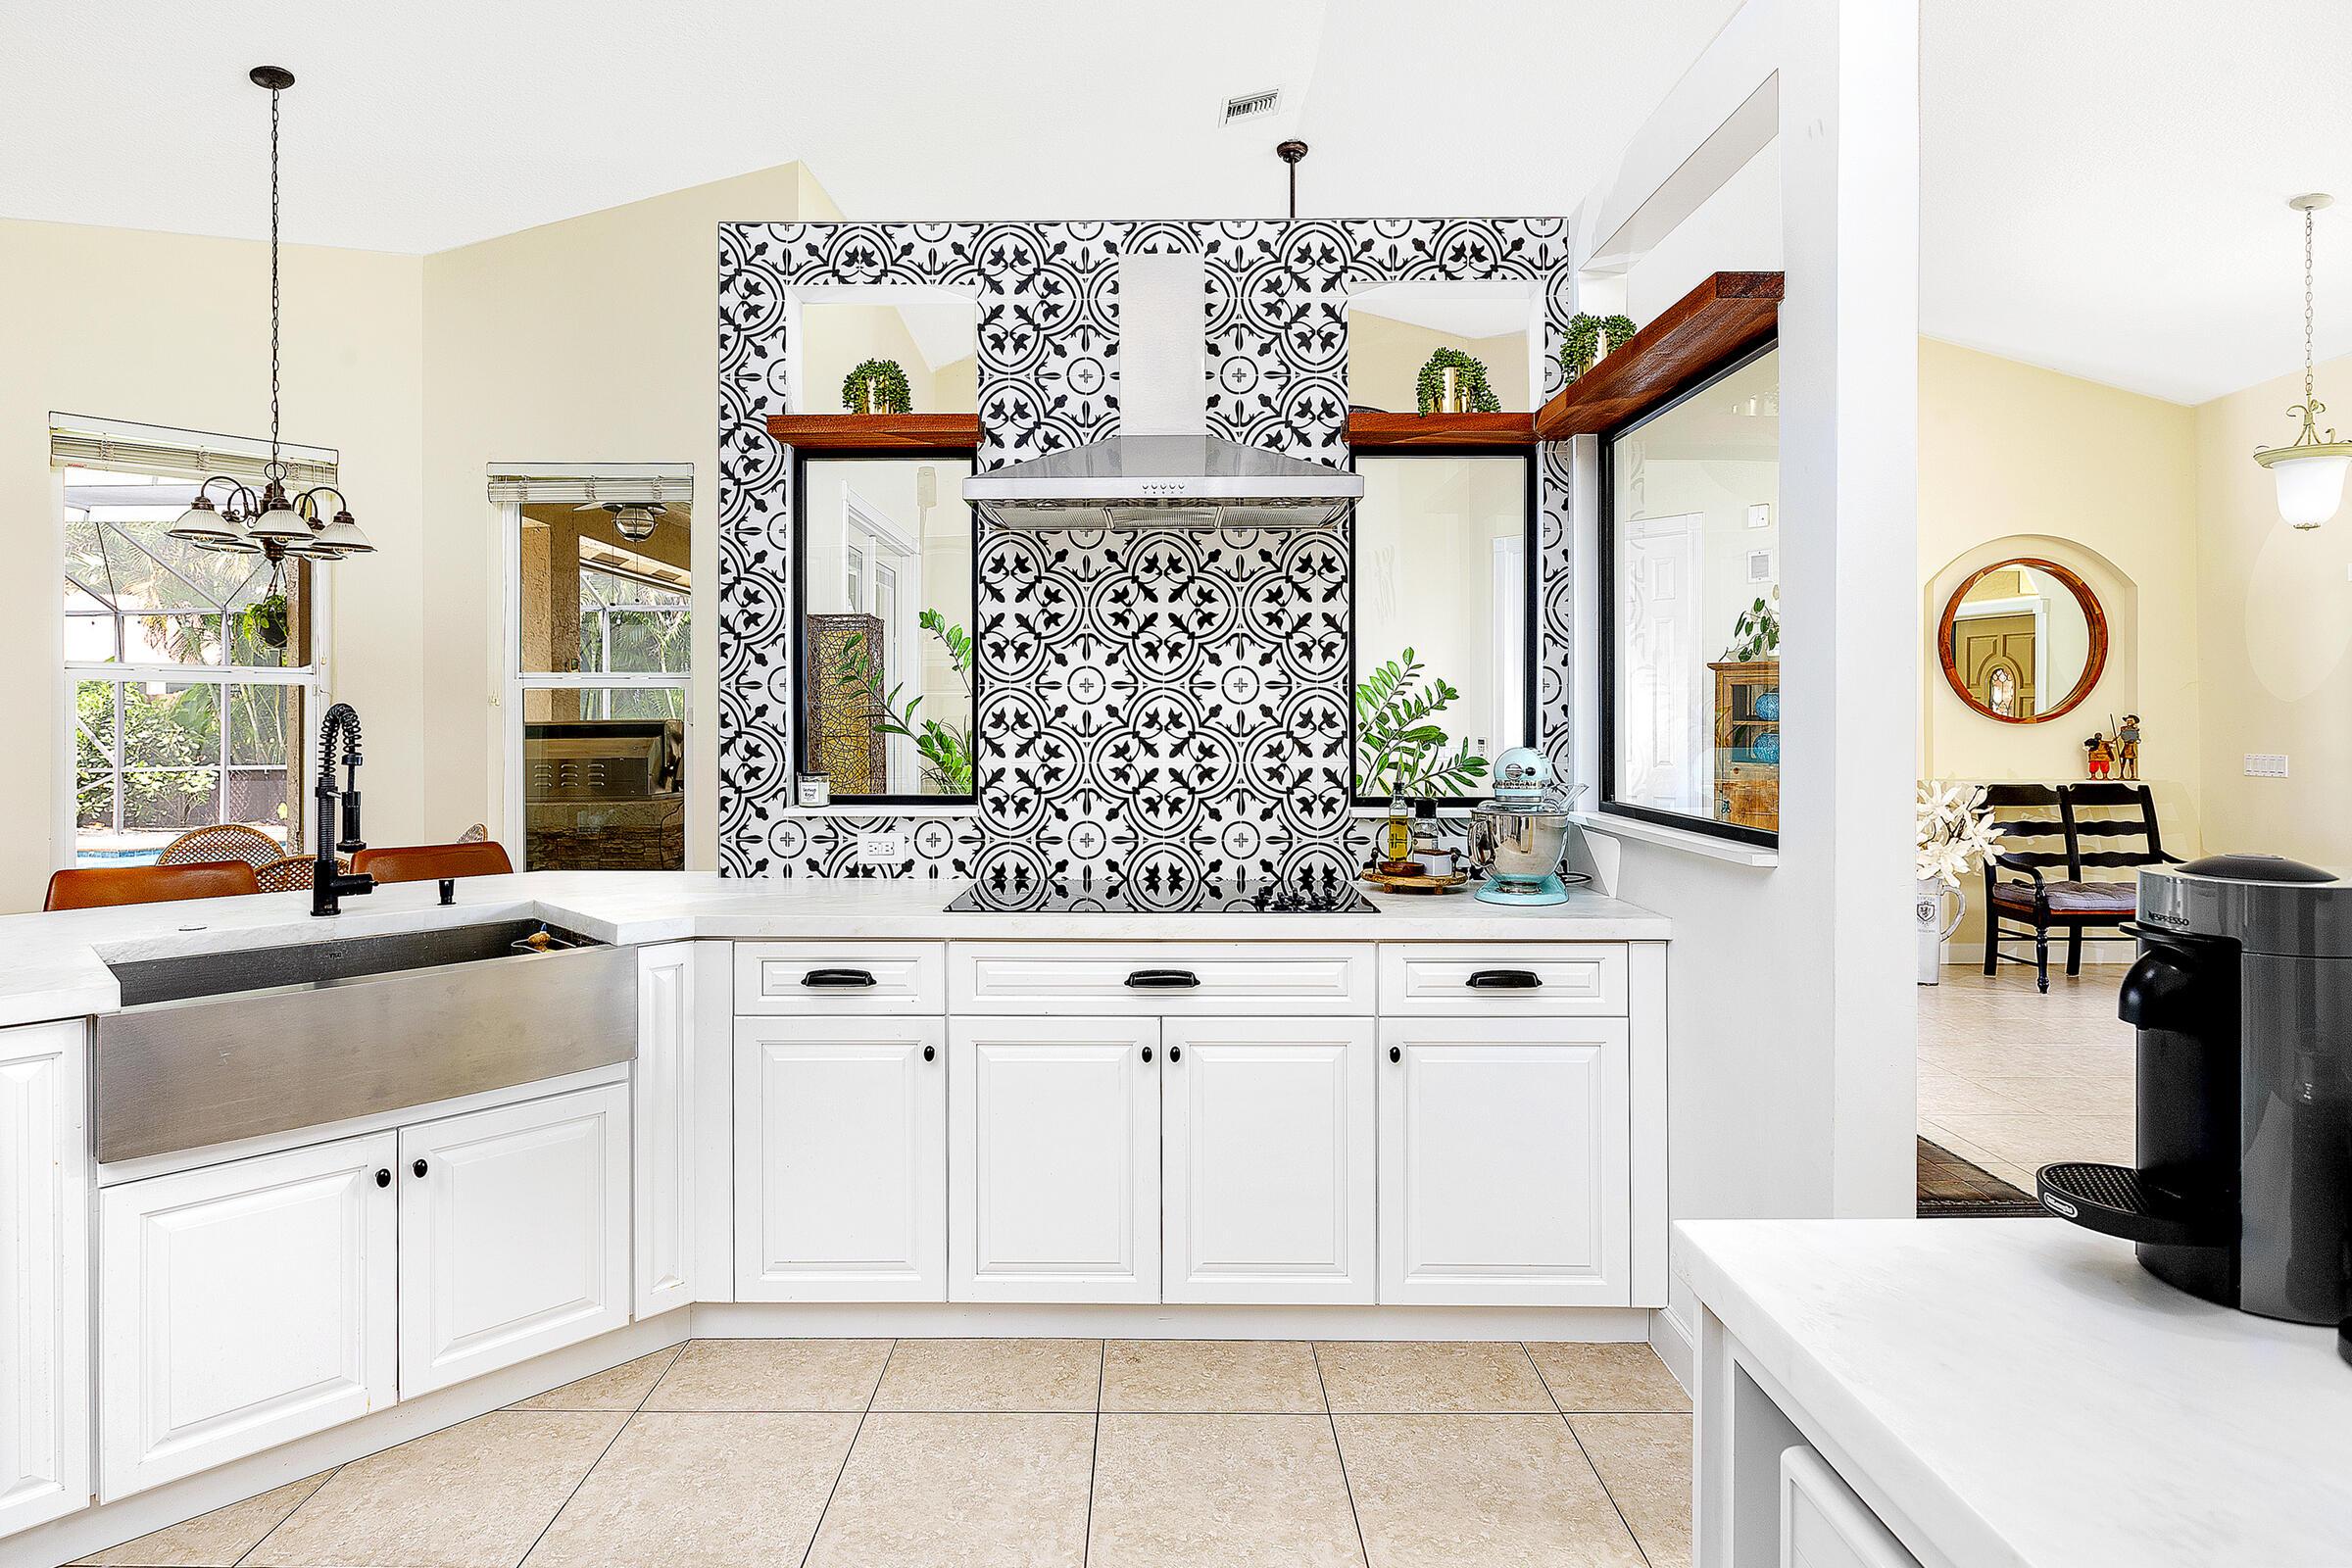 09_Kitchen_Layout1